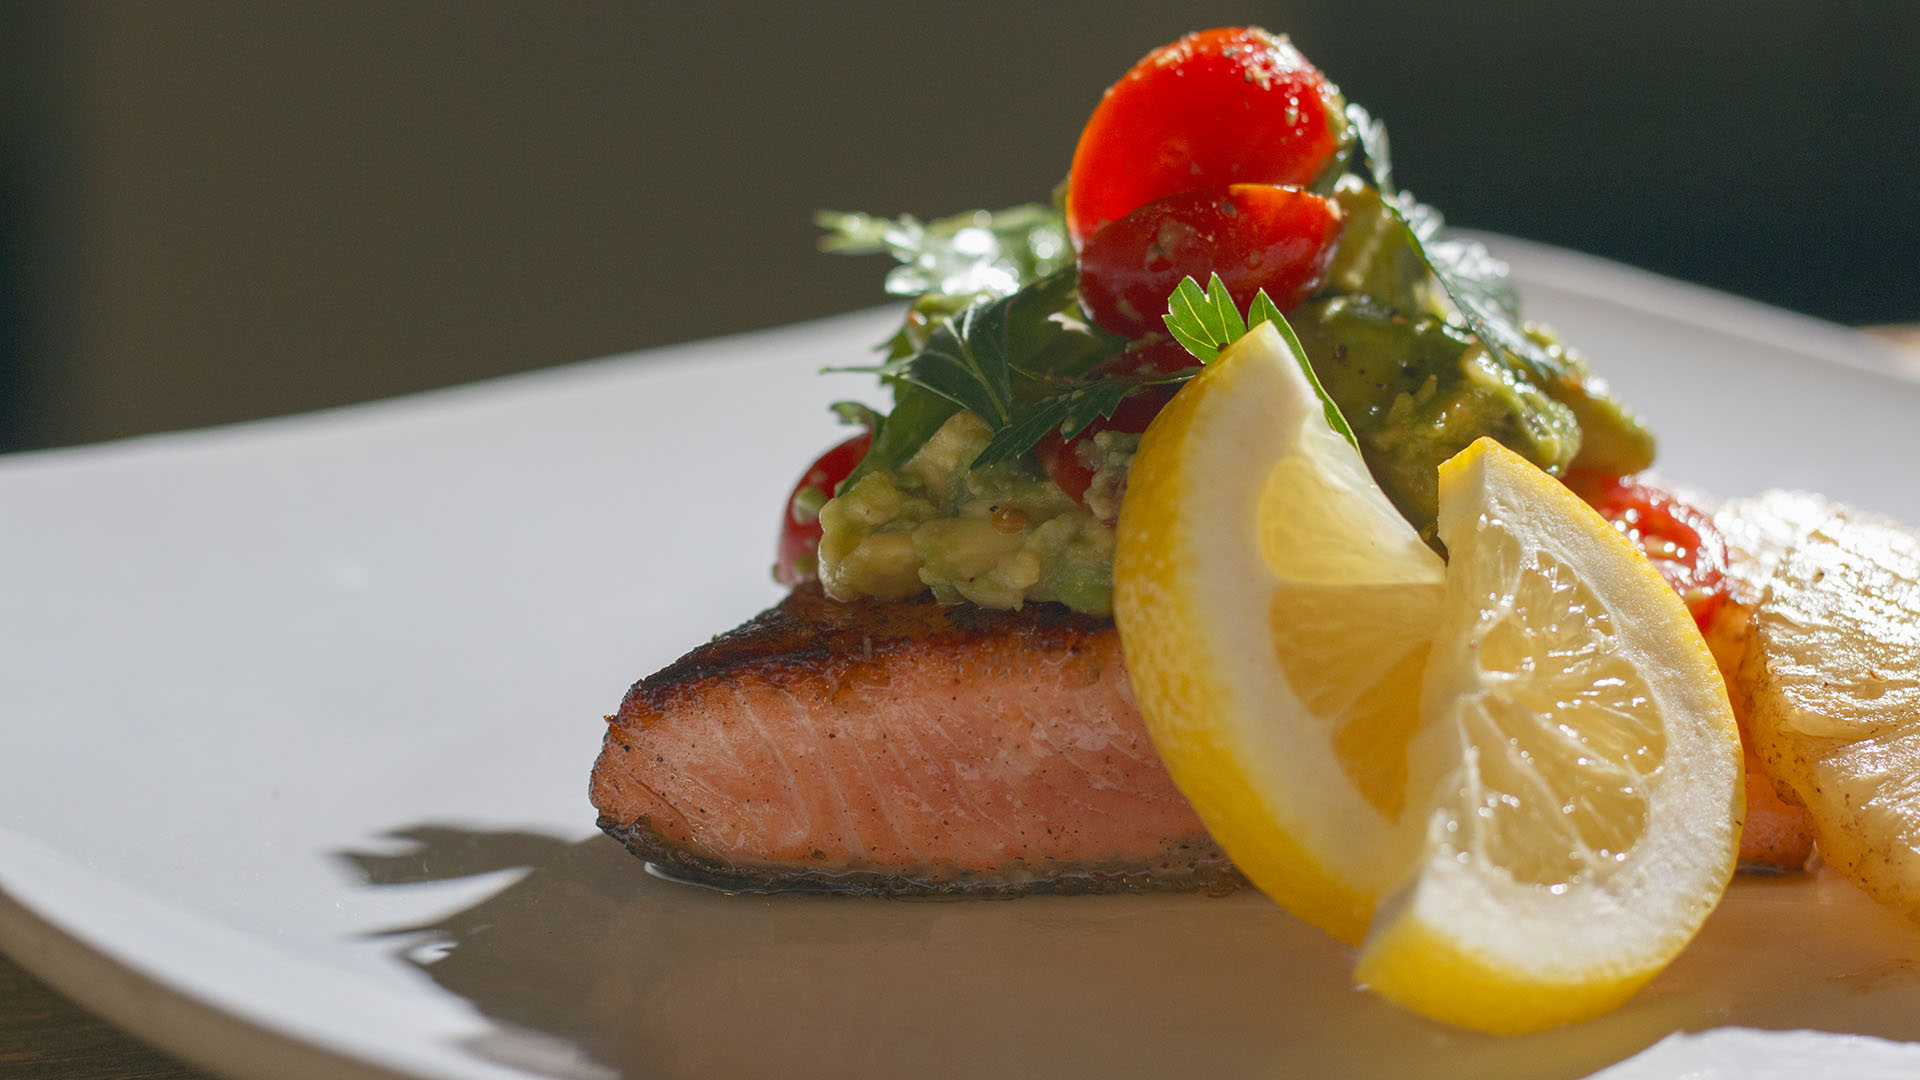 catering kansas city salmon